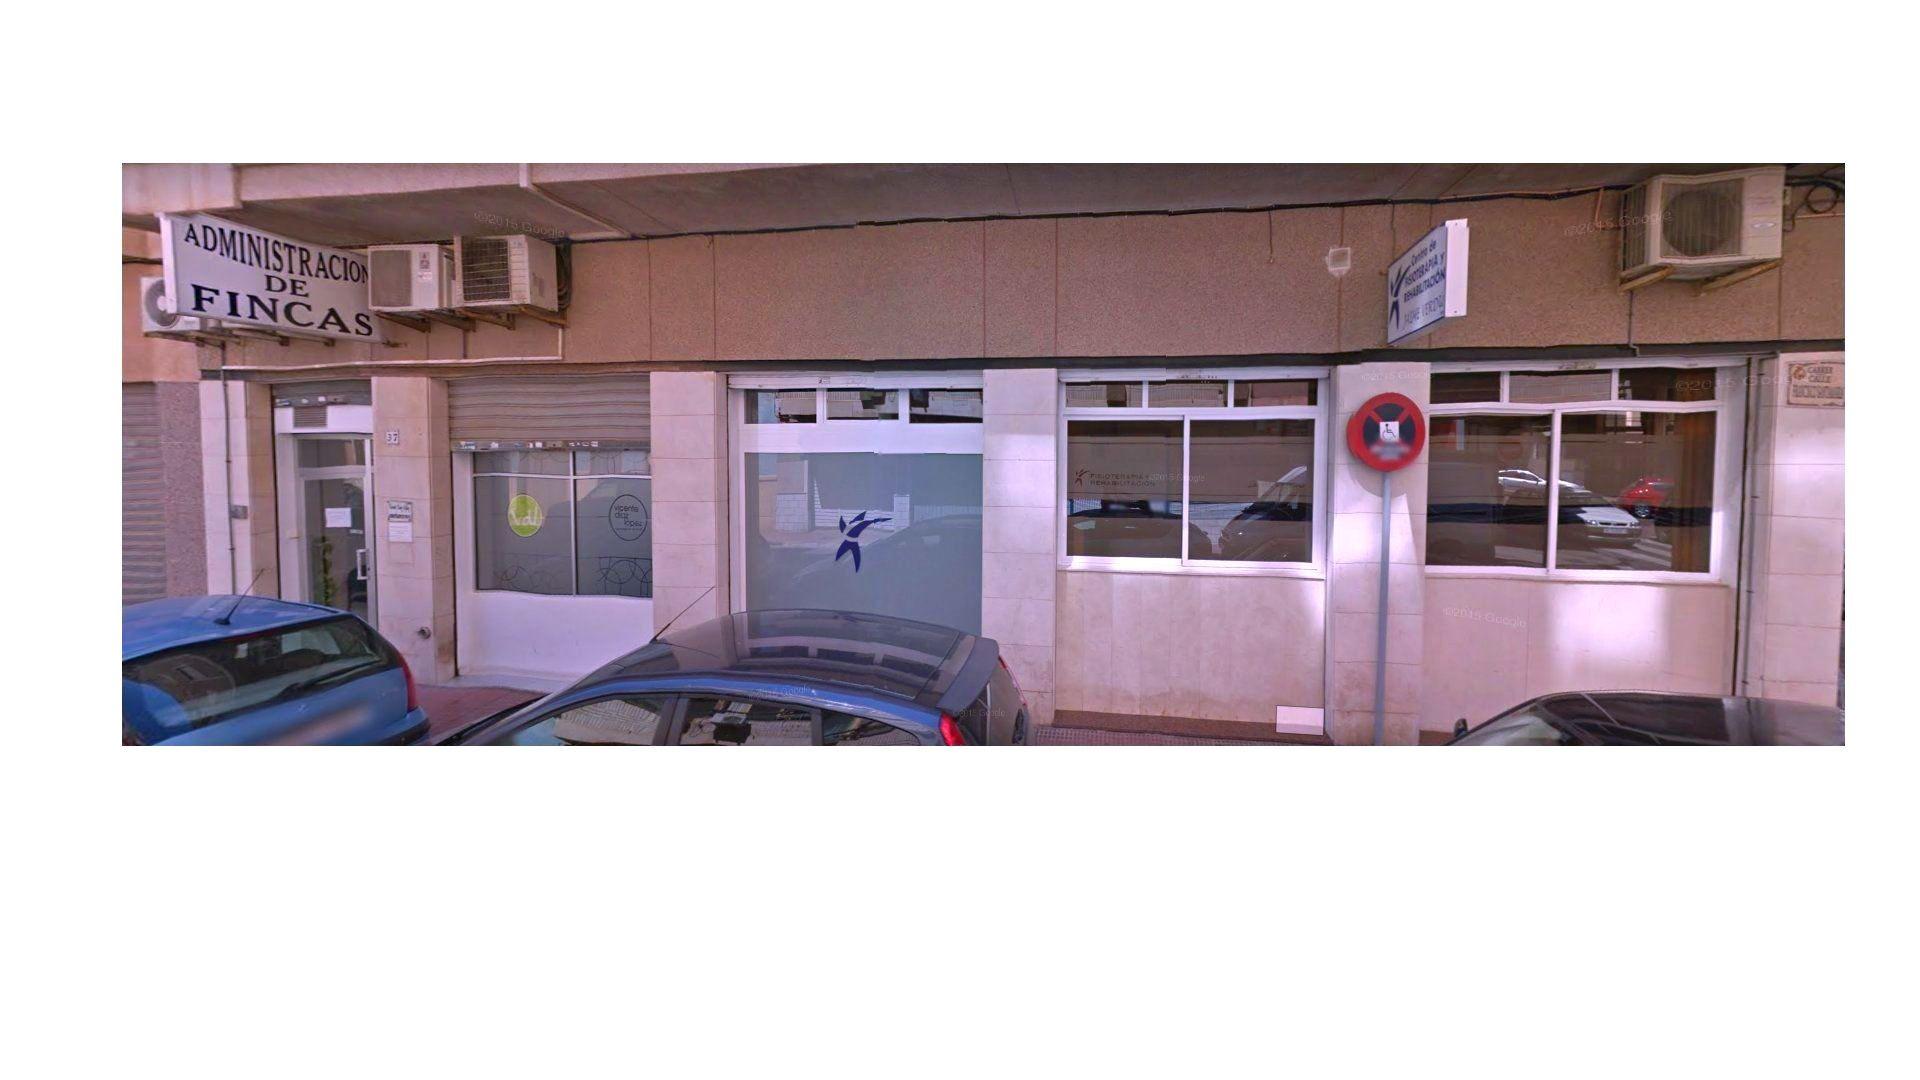 Administración de Fincas en Alicante